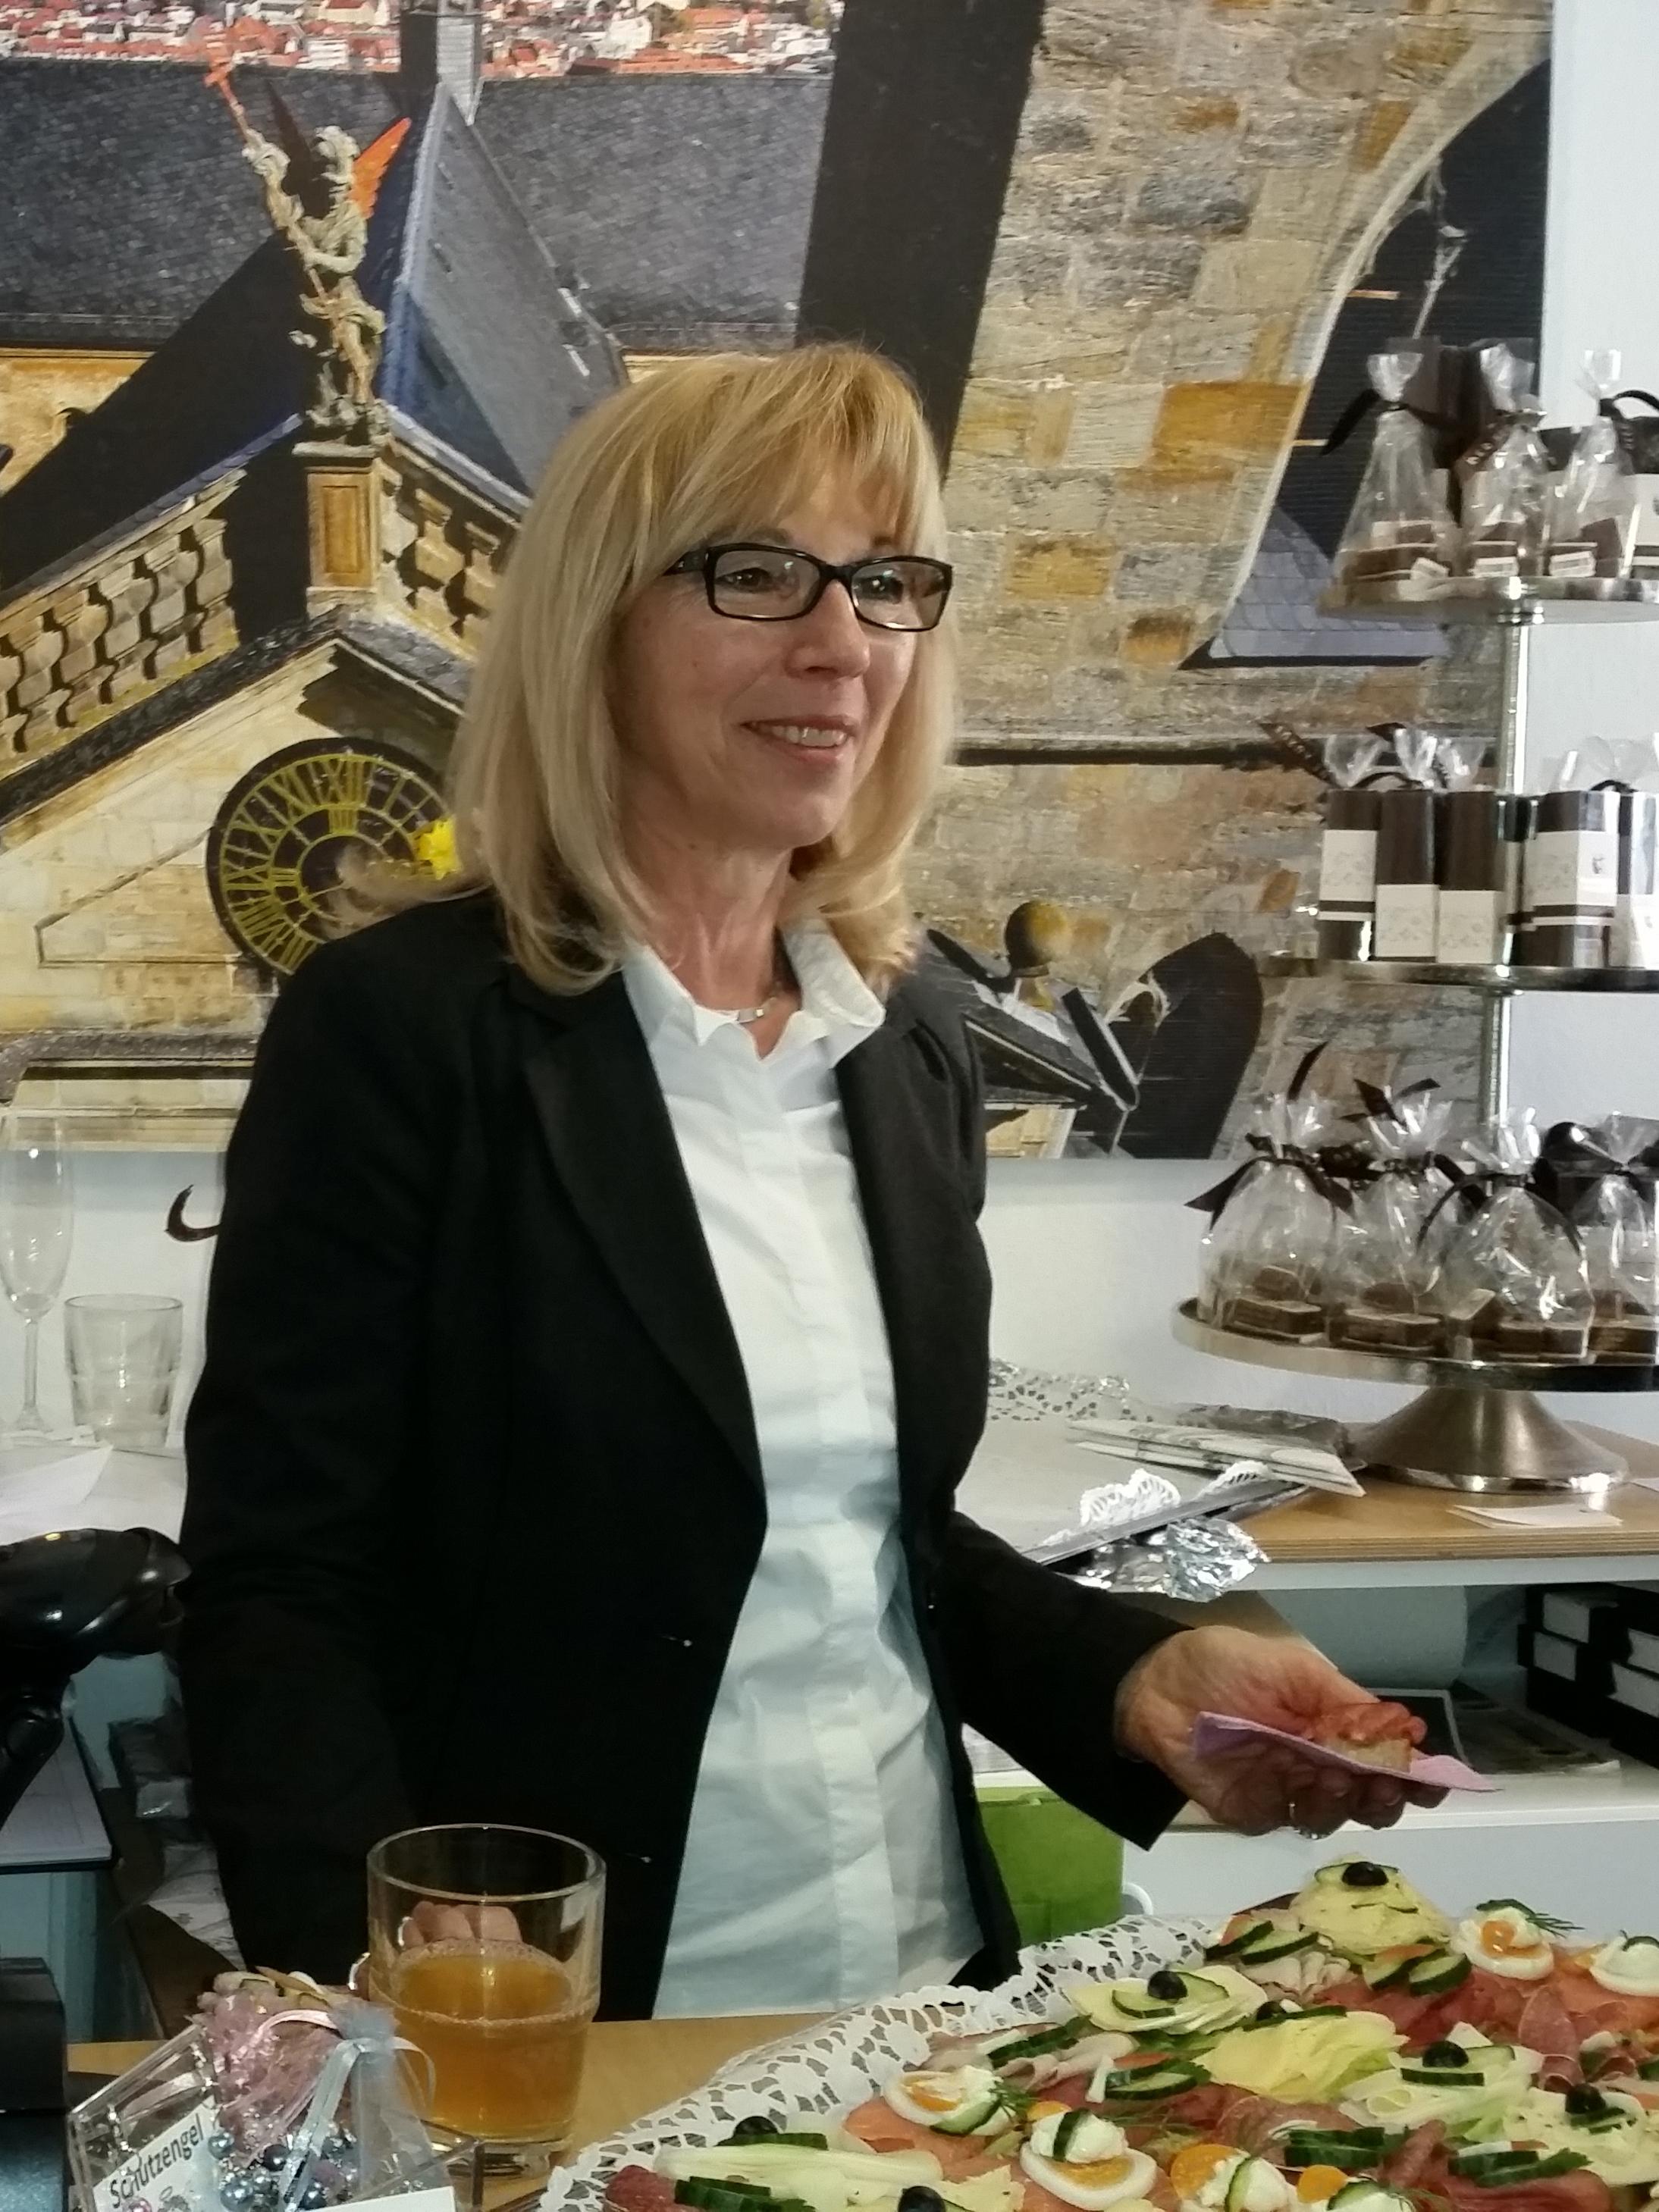 Silvia Kiederer am Eröffnungstag des Stiftsladen an der Oberen Brücke